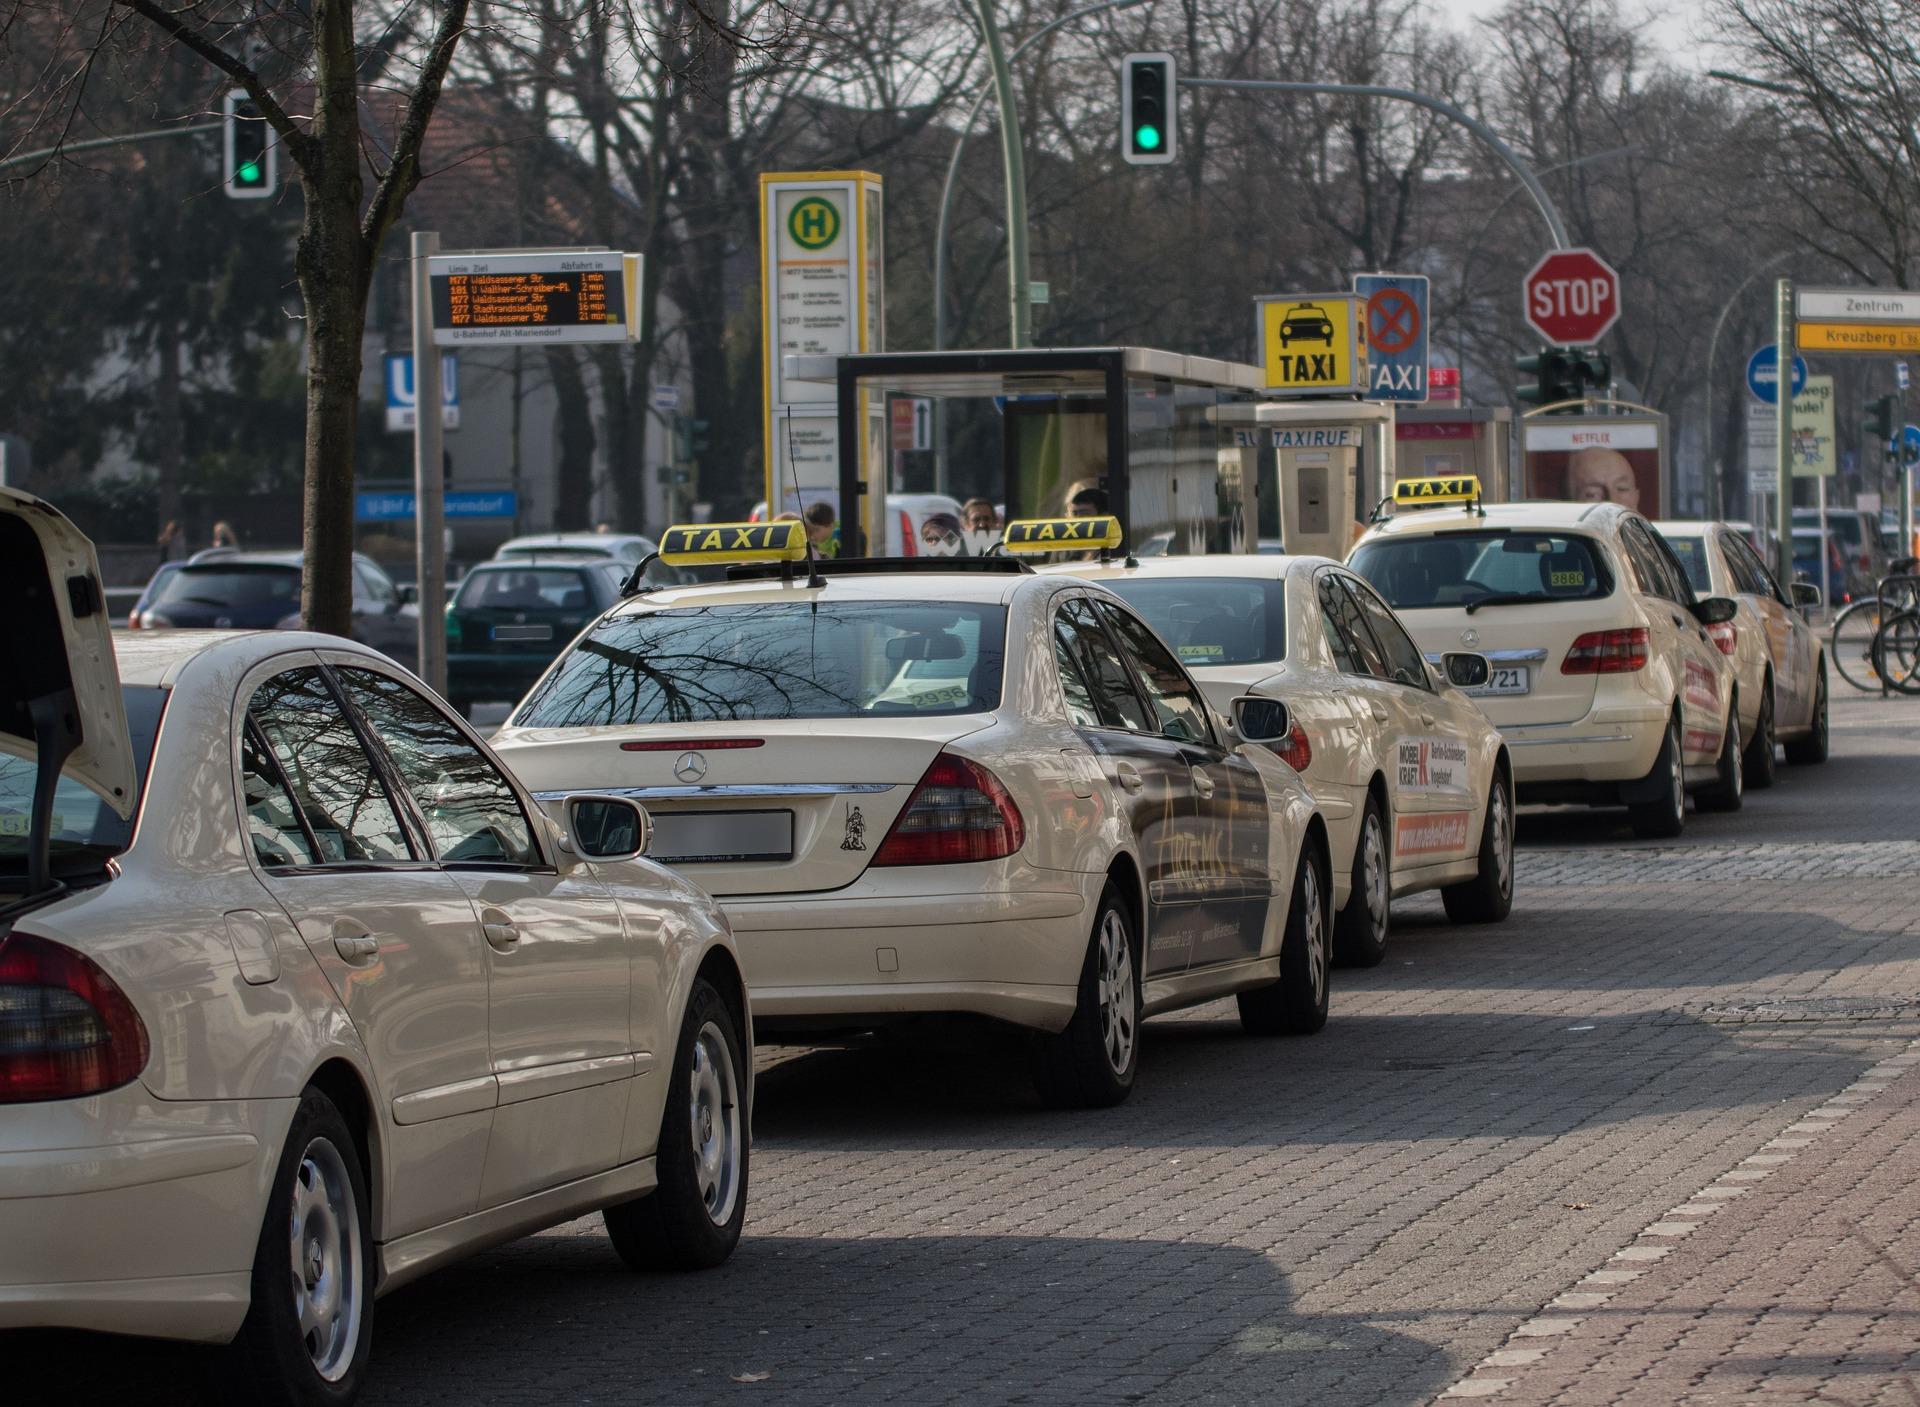 Taxihalte - Alt Mariendorf